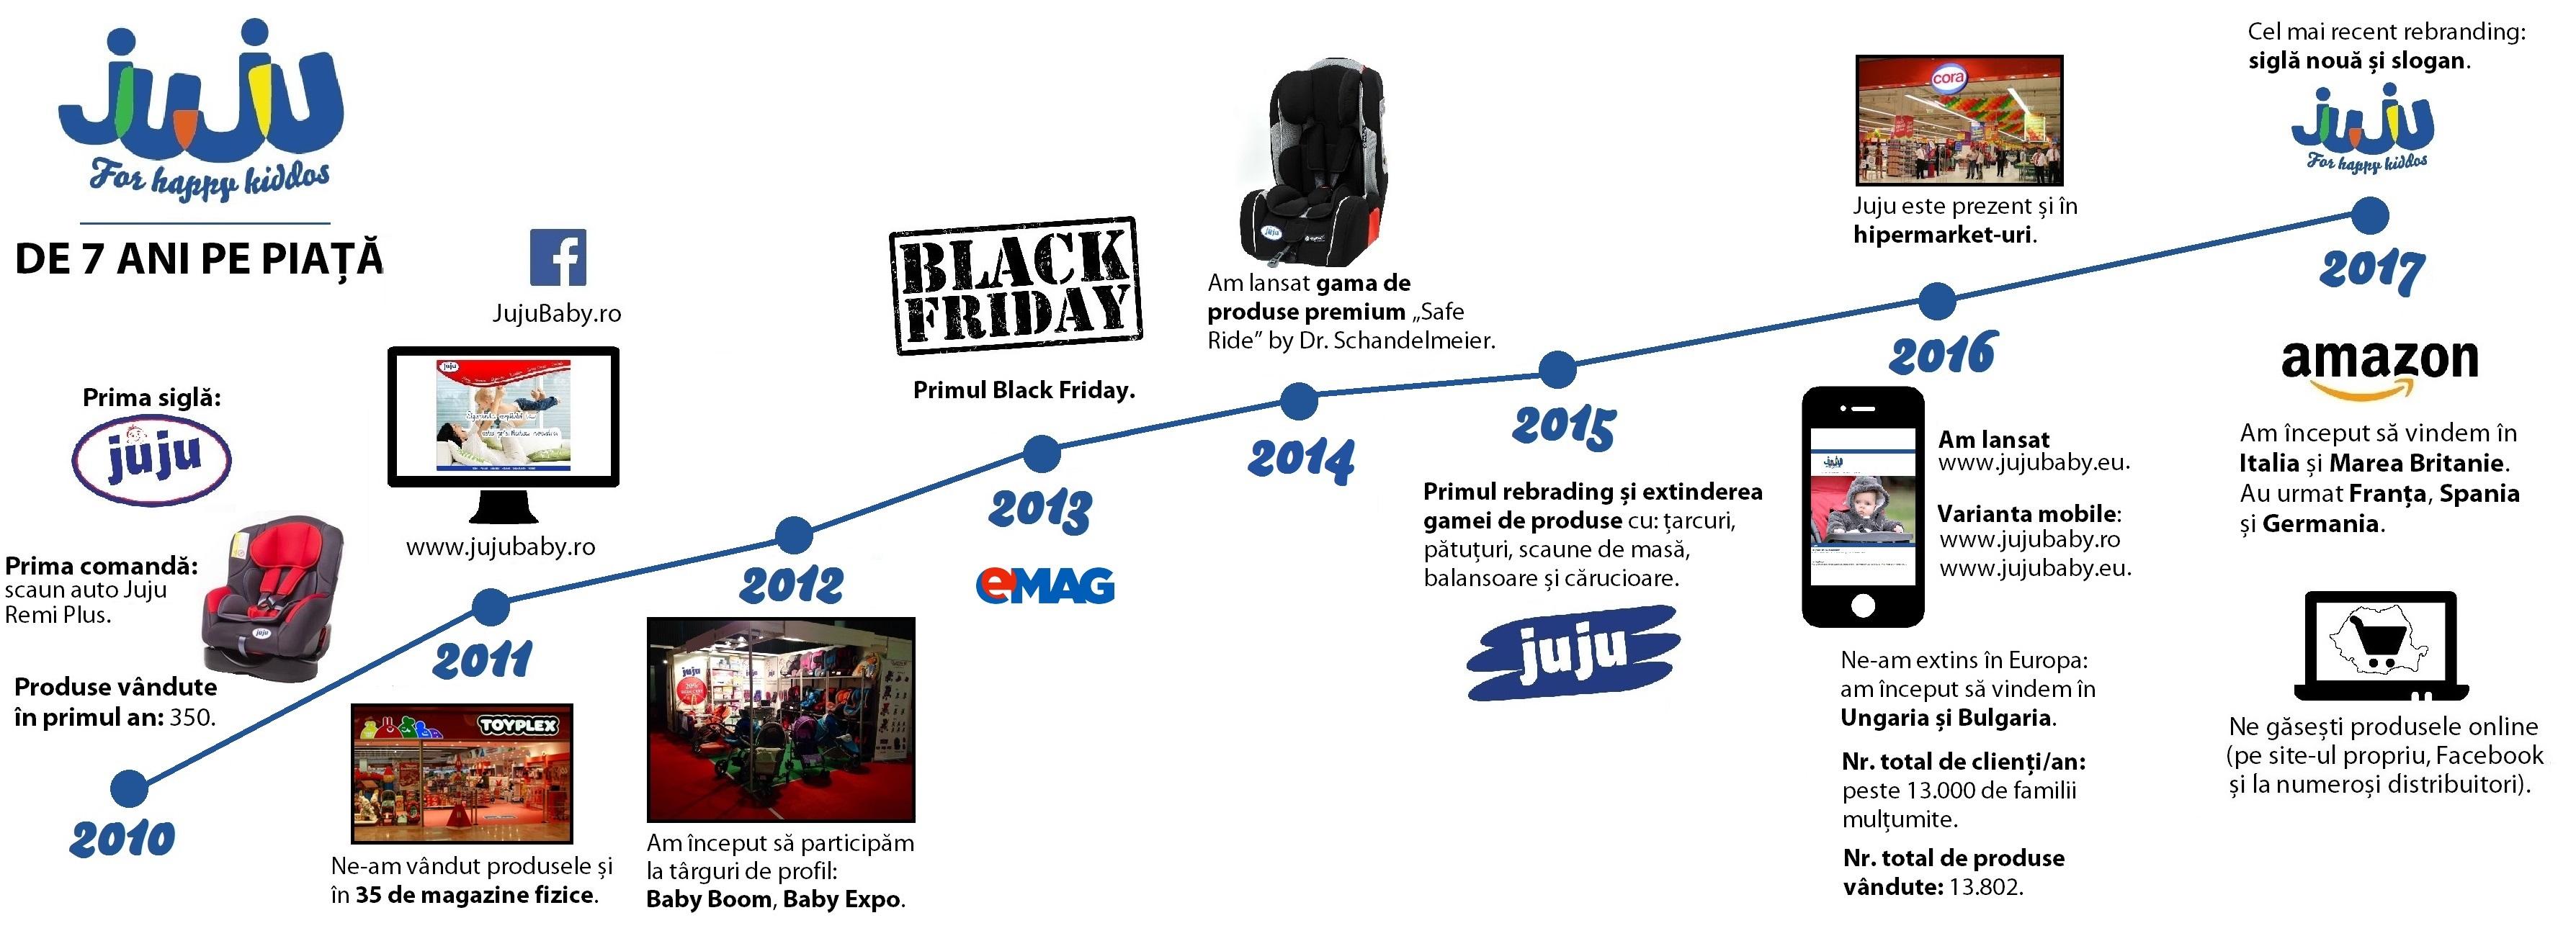 Juju infografic 2